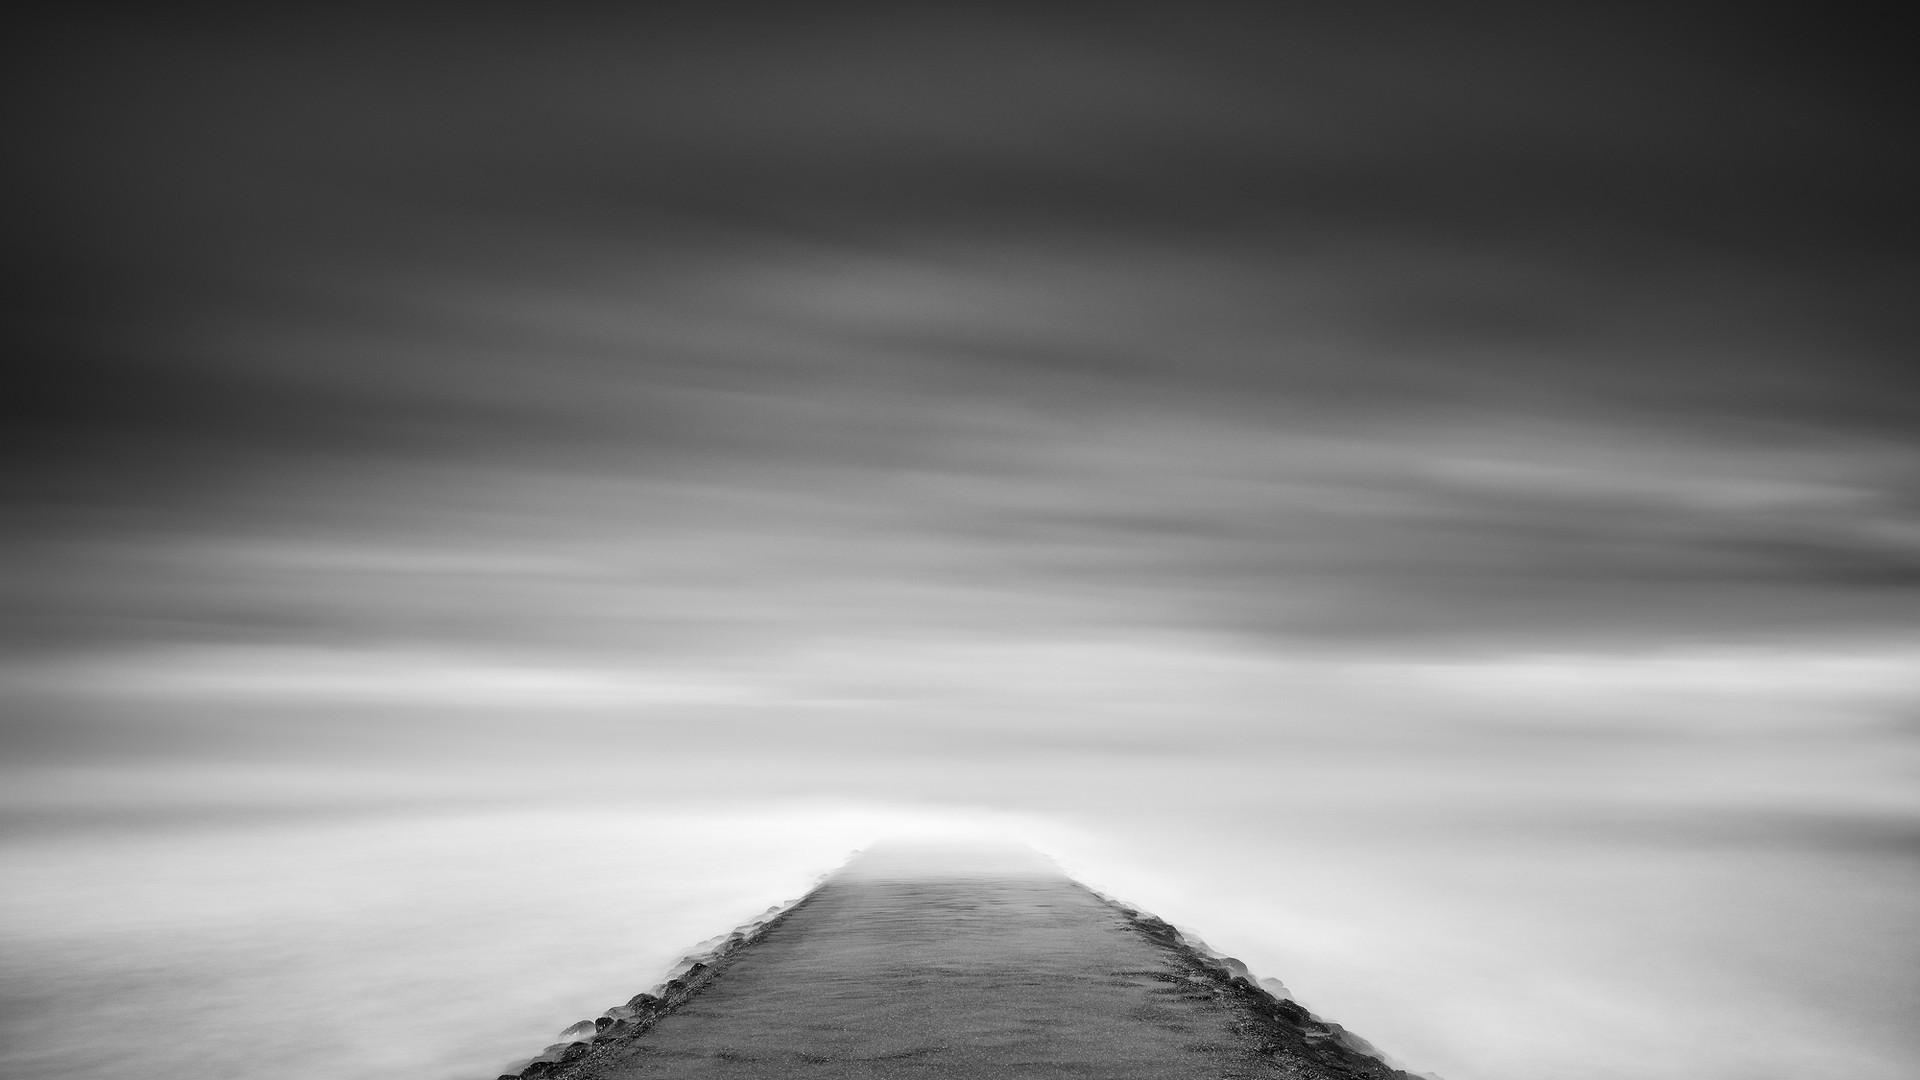 Road to Nowhere, Verdronken Zwarte Polde